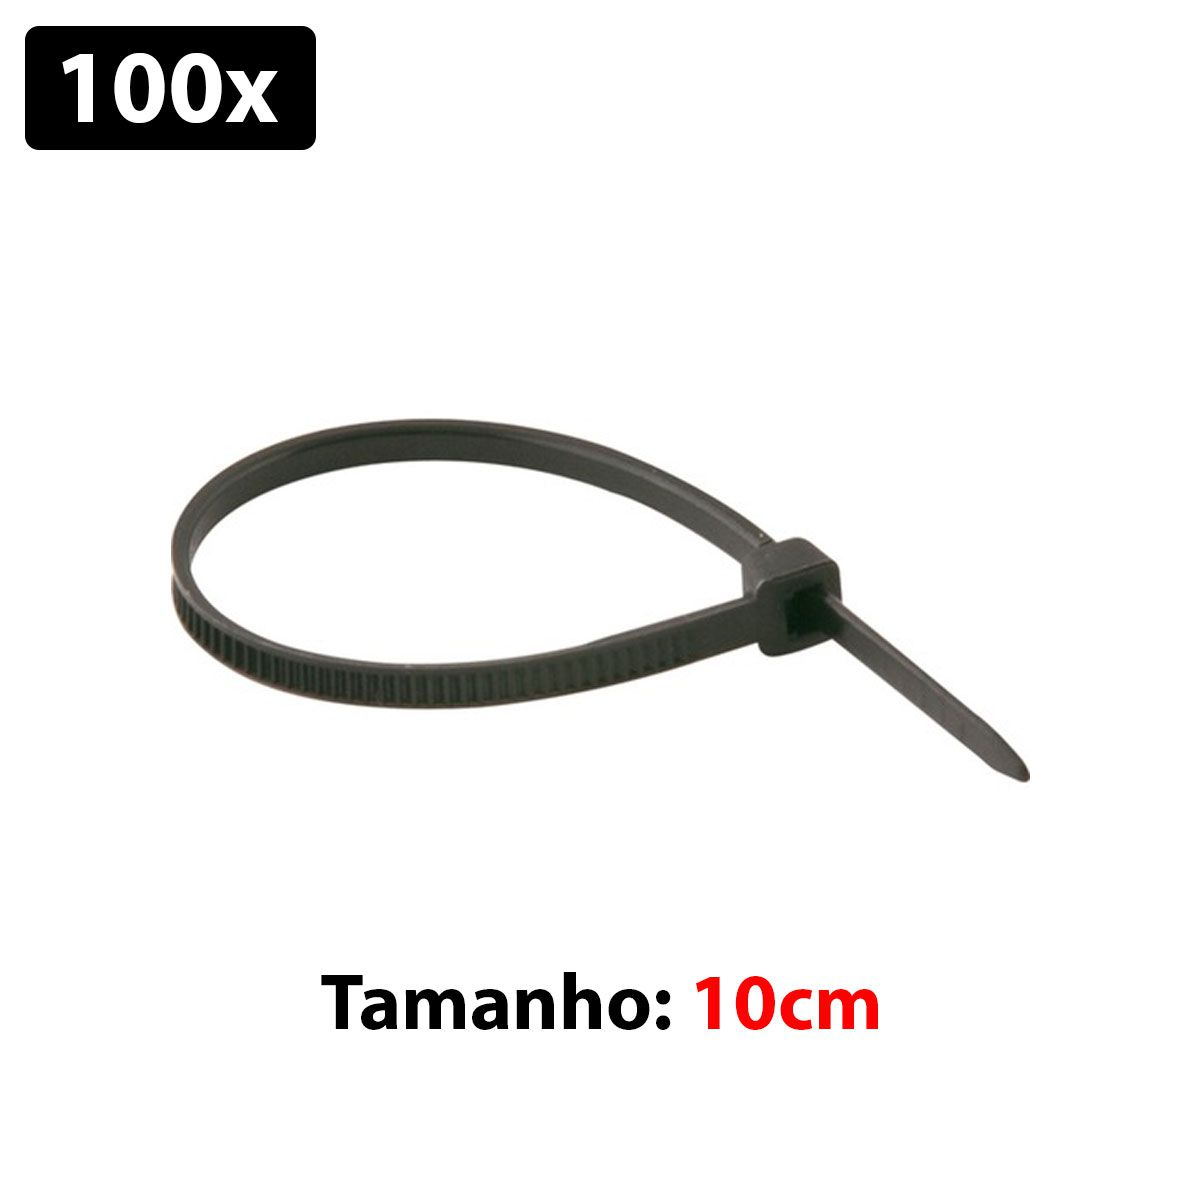 100x Abraçadeira Plástica / Nyllon 2,5mm x 100mm  - Cor Preta - Enforca Gato